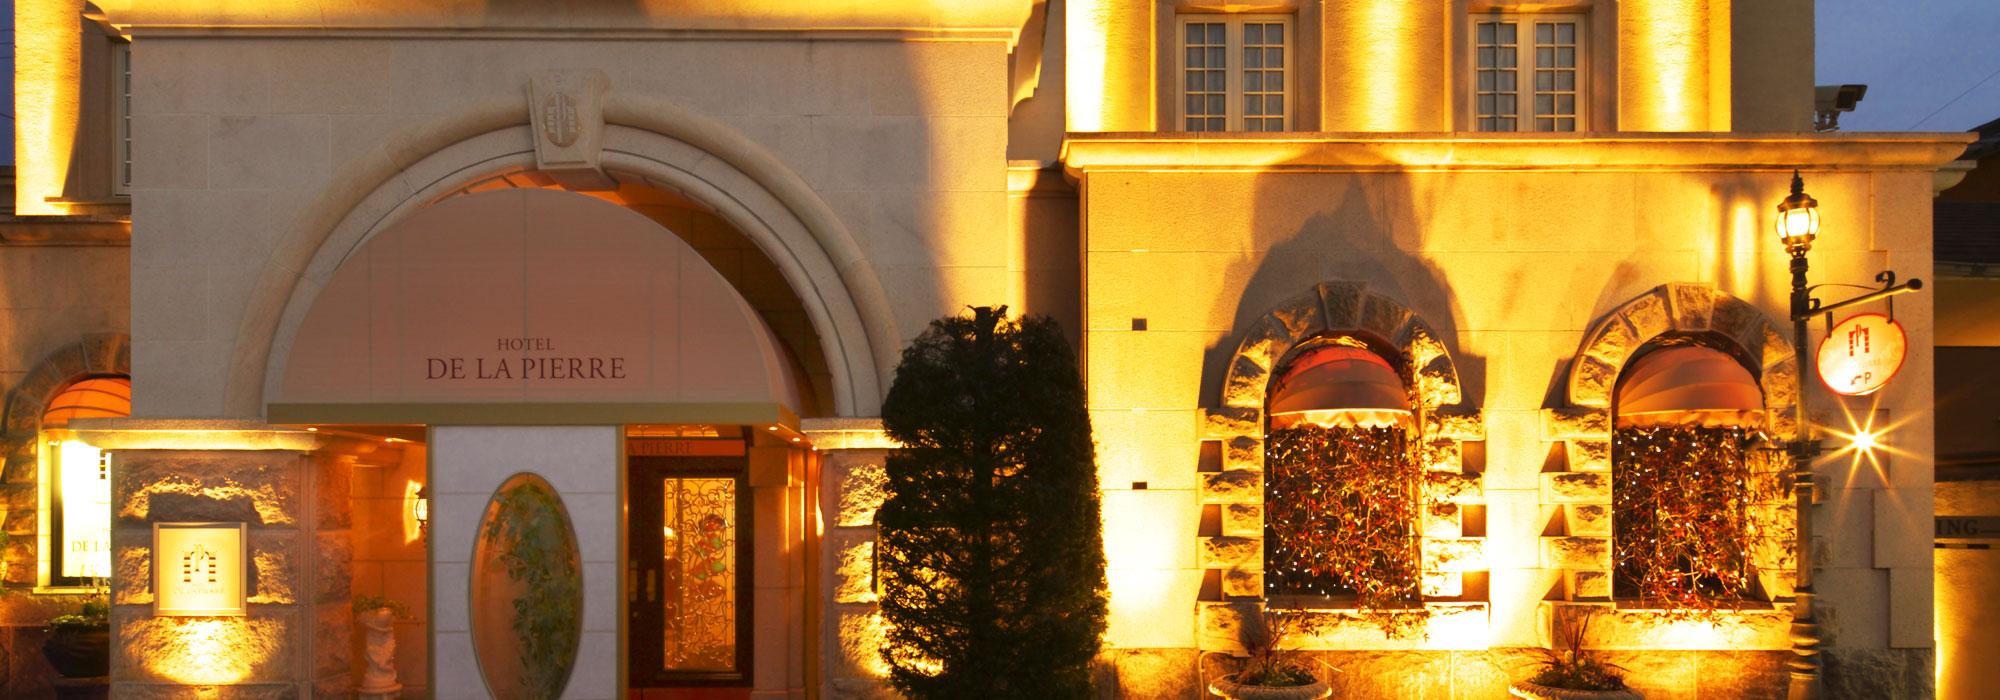 HOTEL DE LA PIERRE|京都観世会館